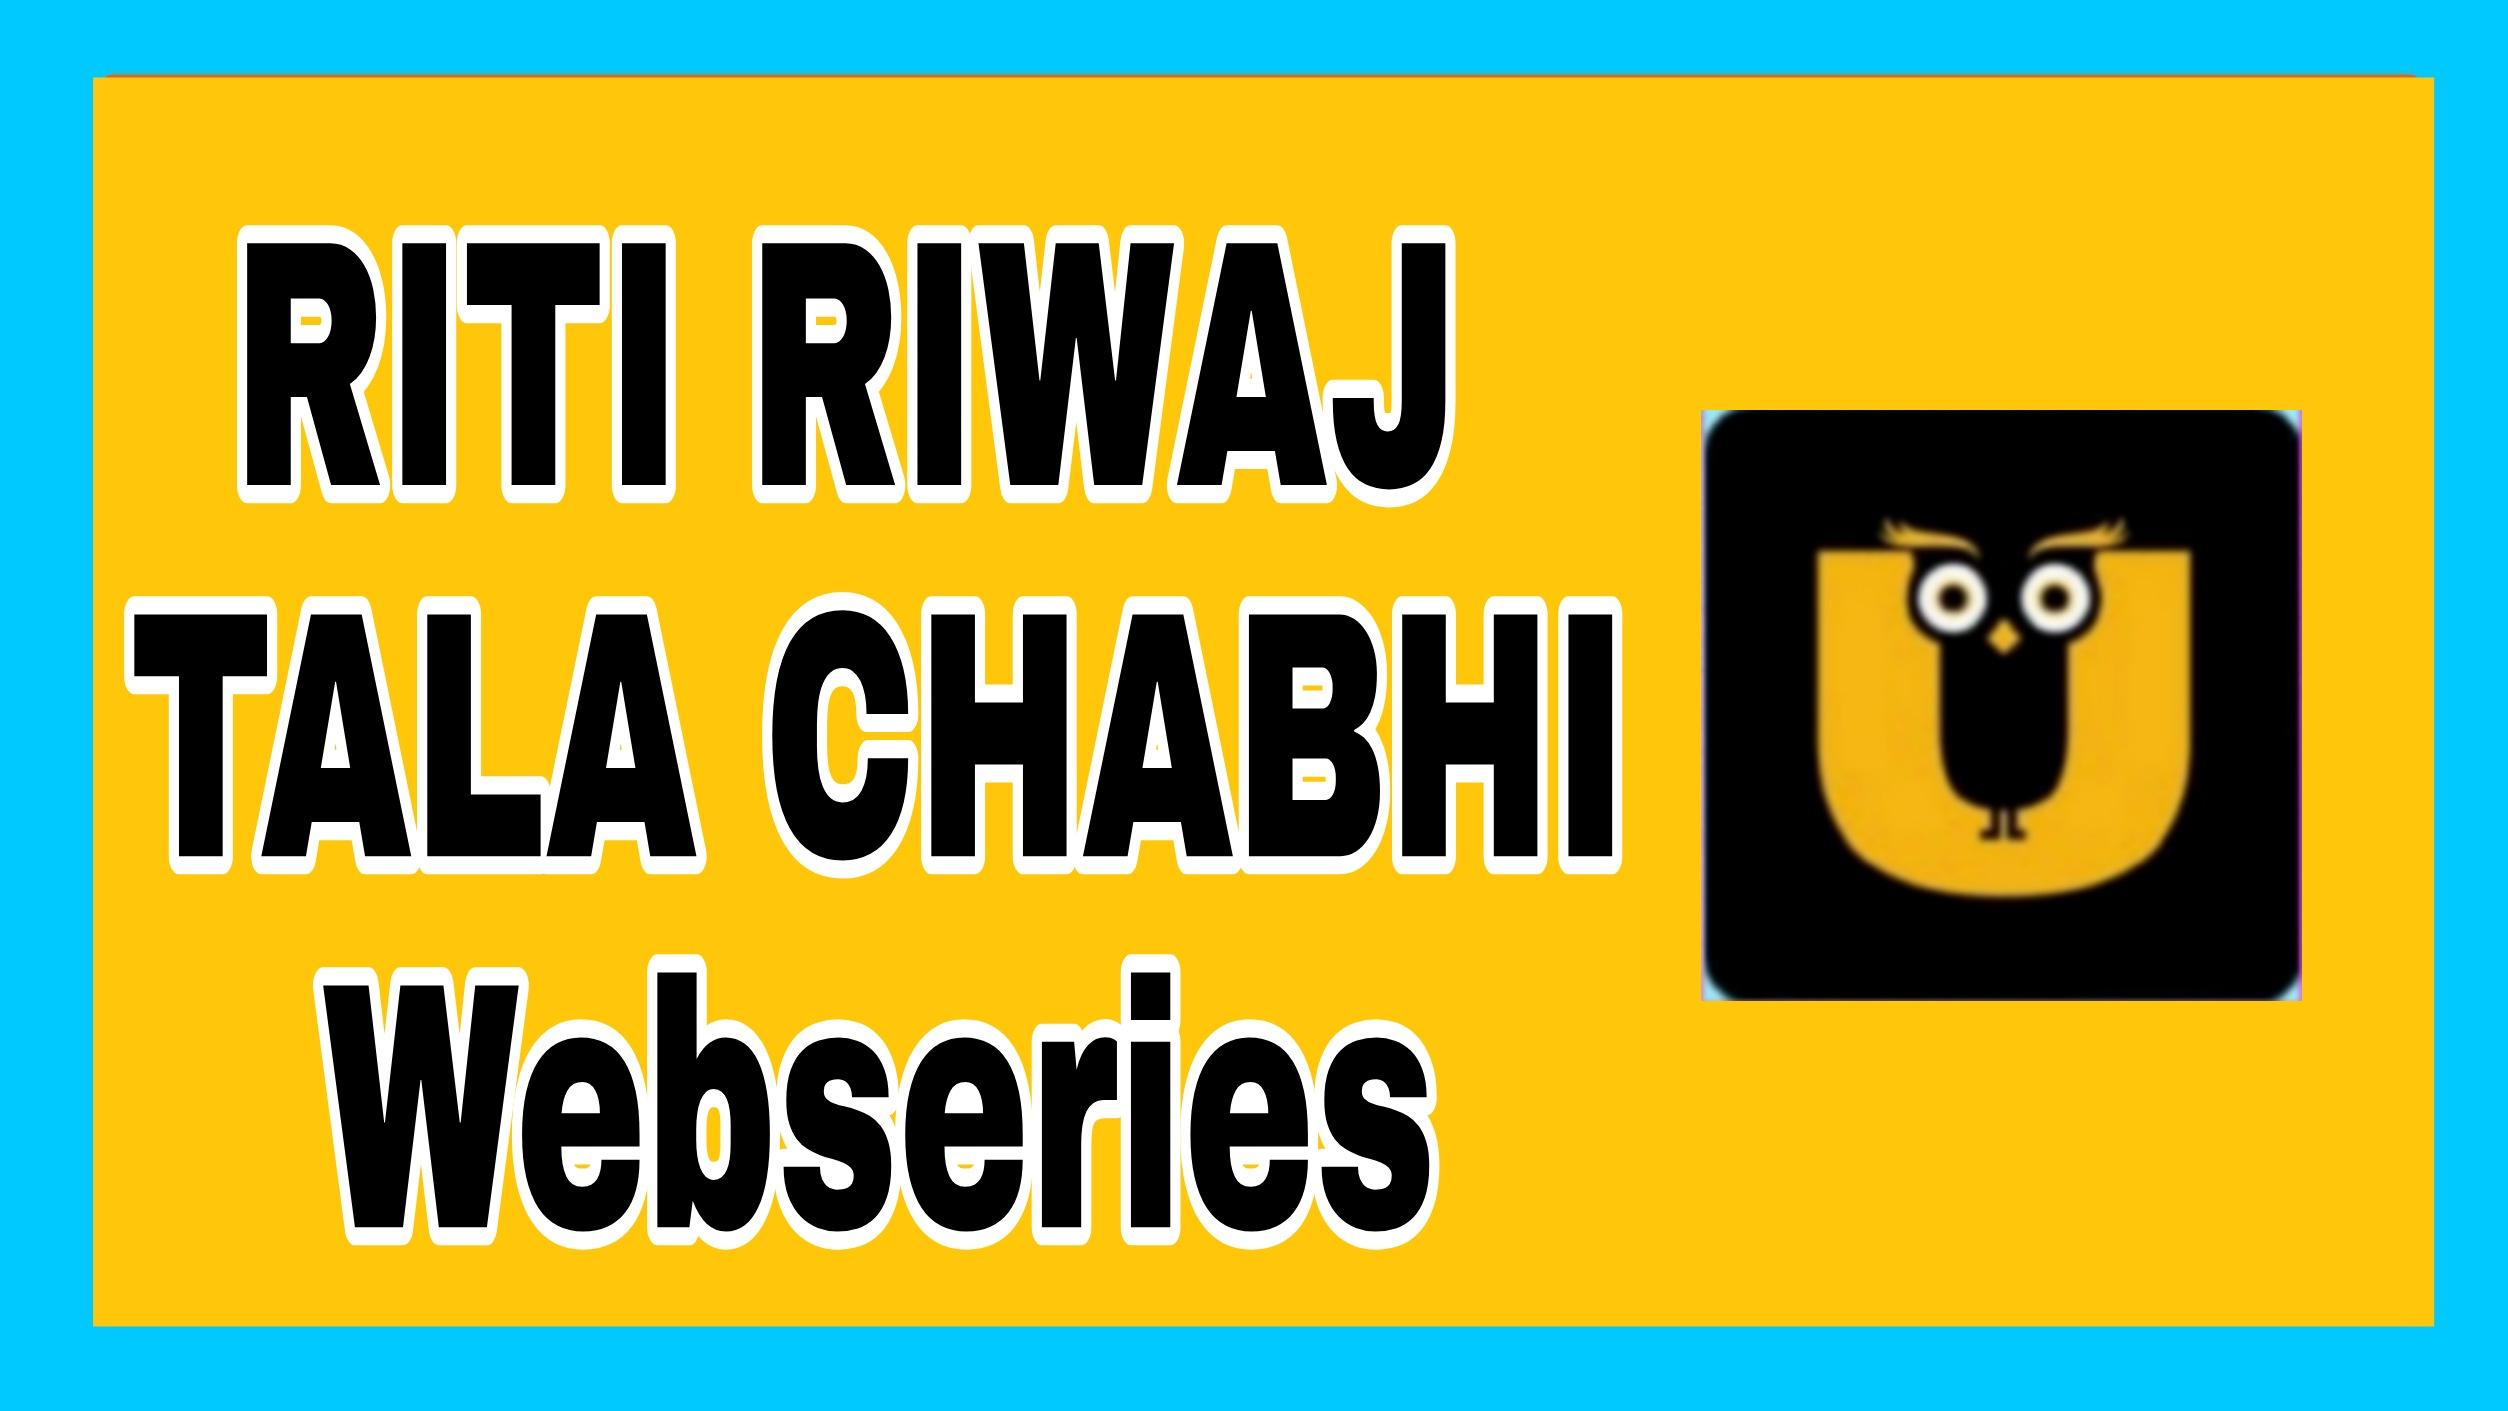 RITI RIWAJ TALA CHABHI Webseries Ullu